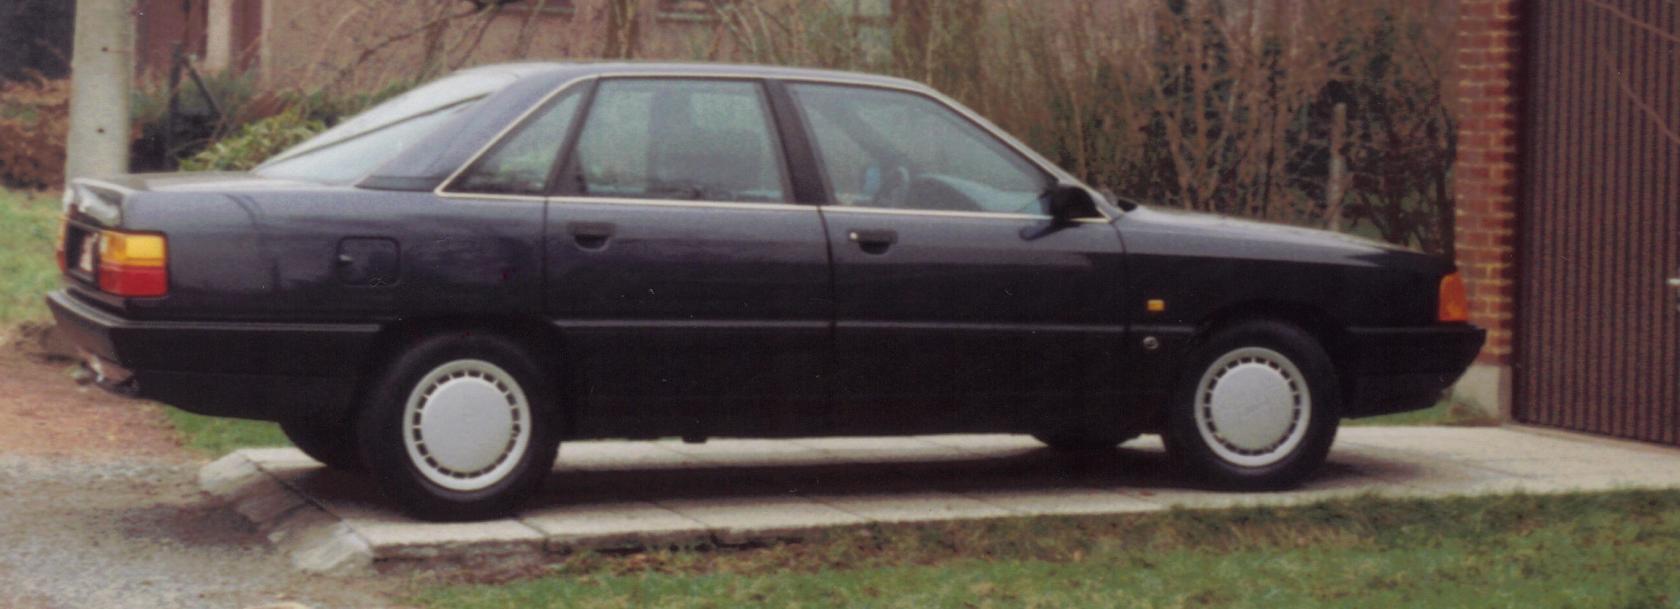 Seconde-Audi-100-dec-1989_.jpeg